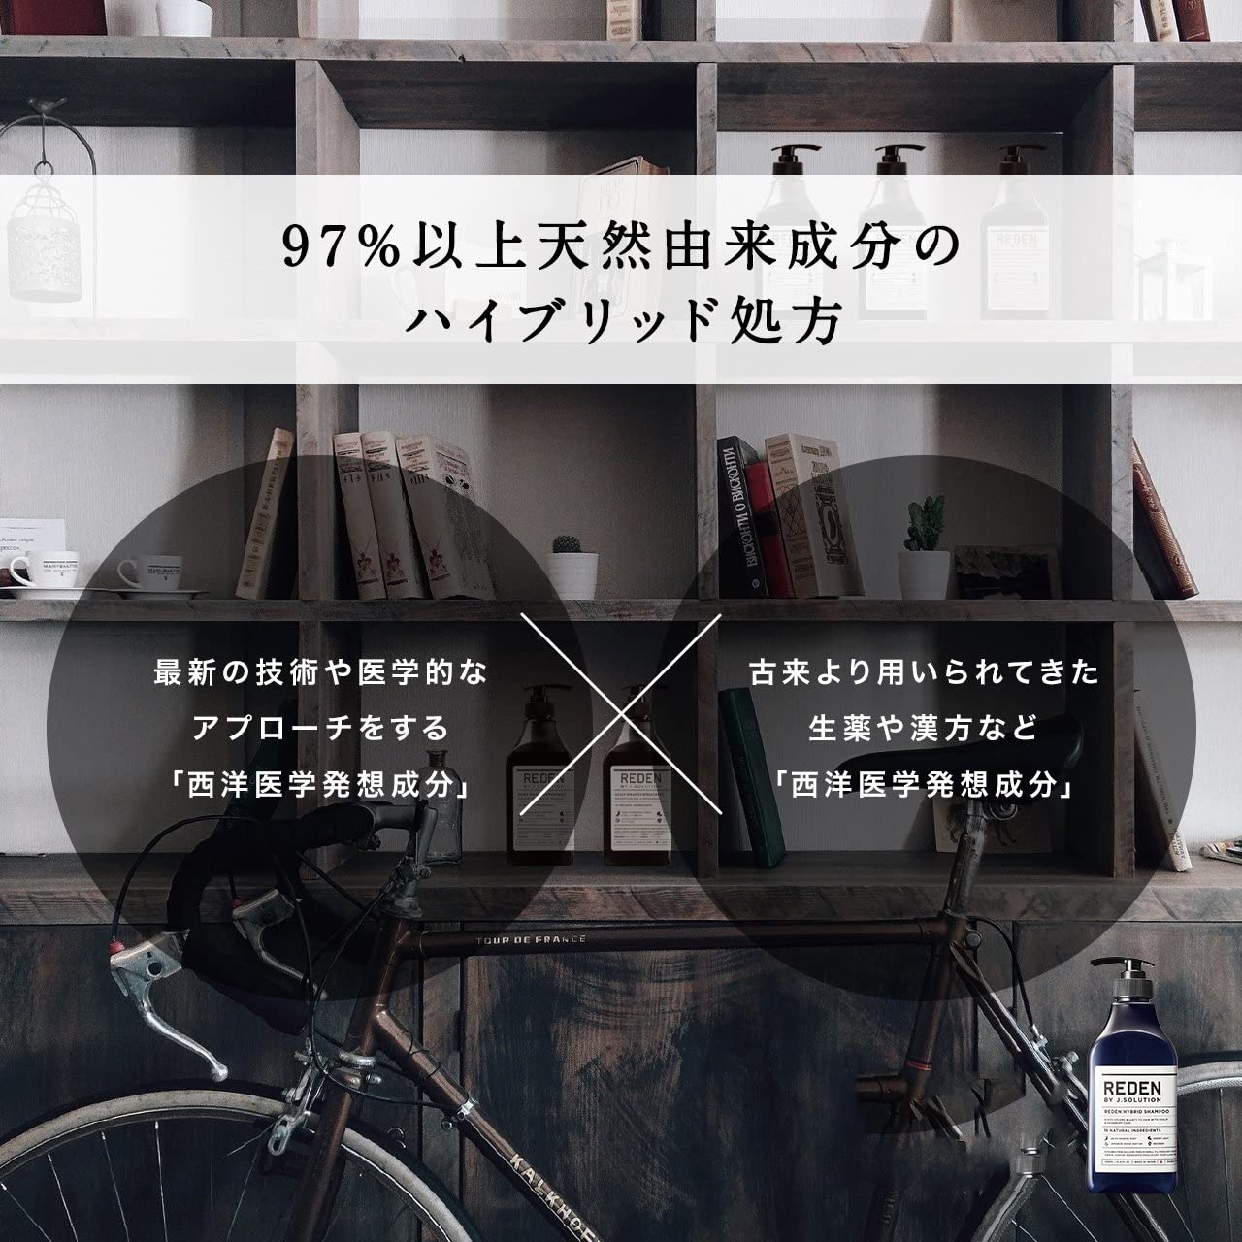 REDEN(リデン) ハイブリッド・シャンプーの商品画像5